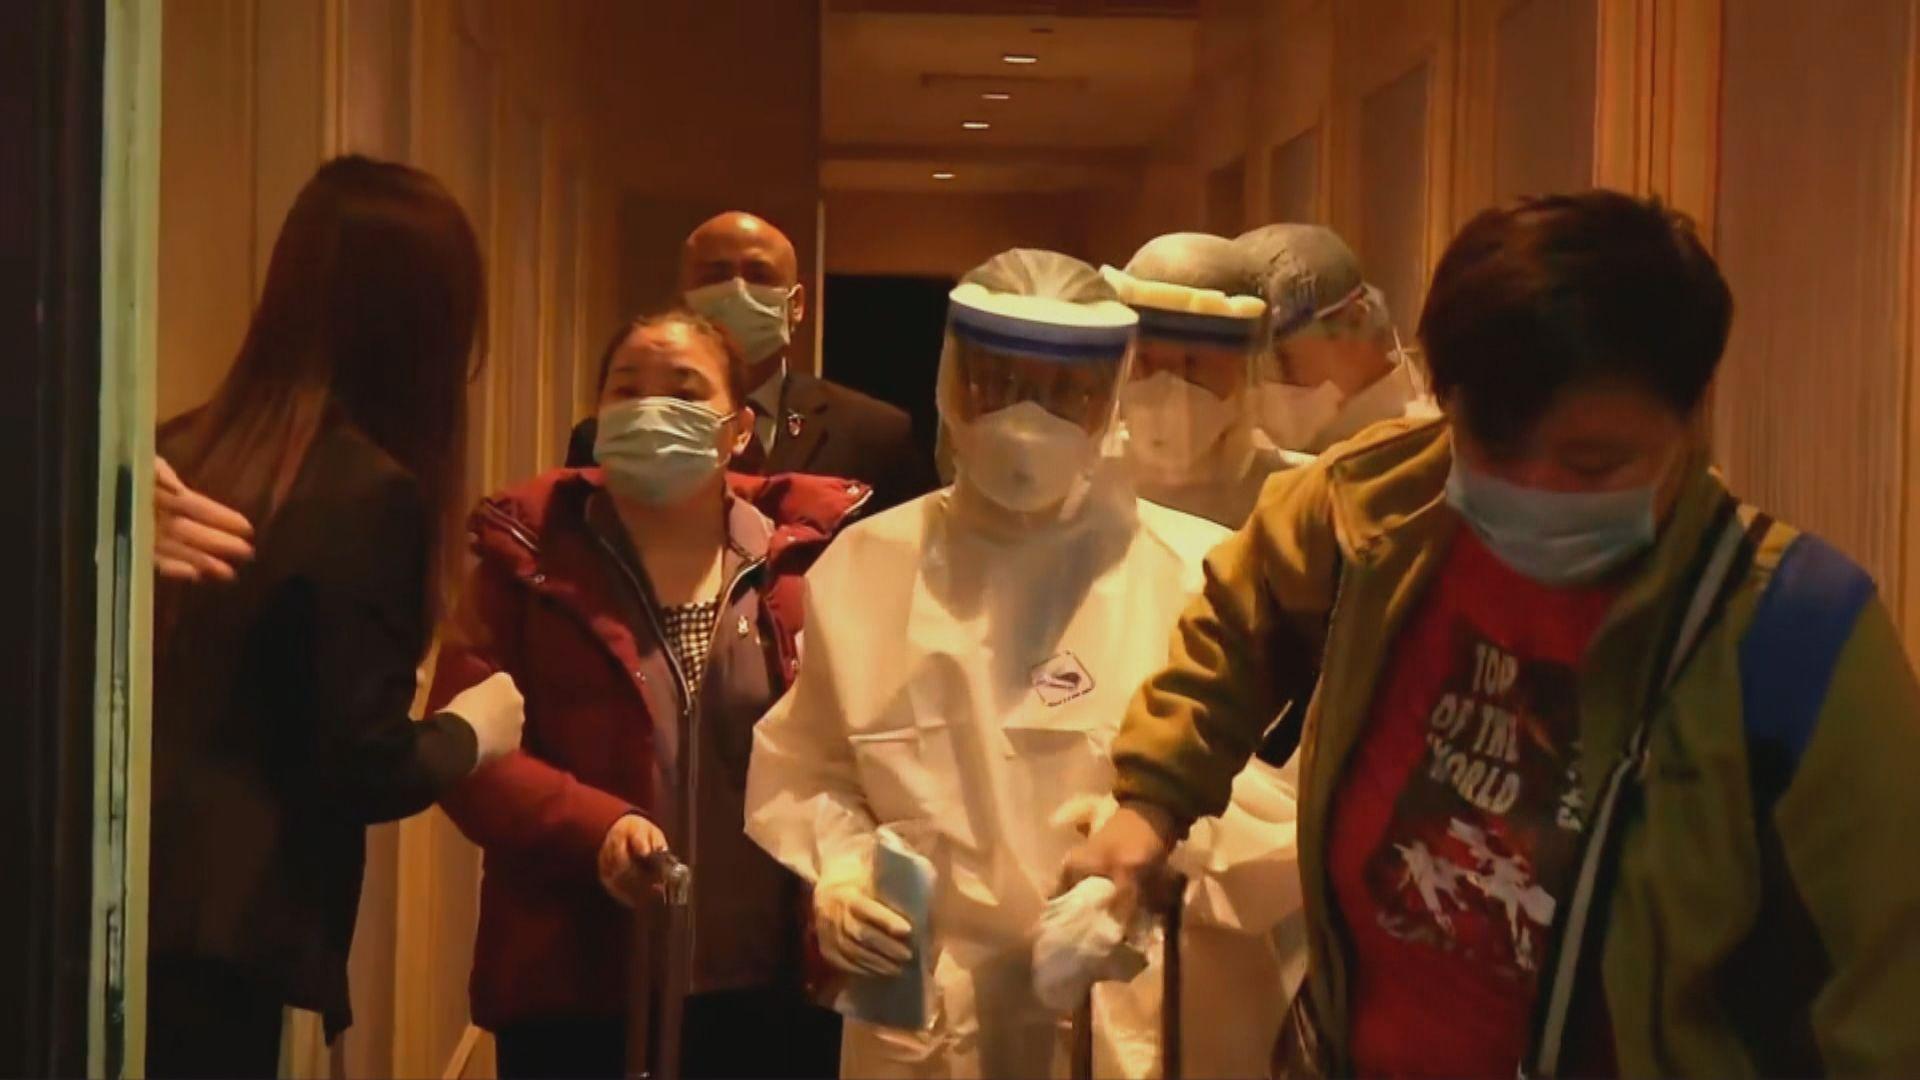 澳門首宗新型冠狀病毒個案患者同行三名朋友無染病